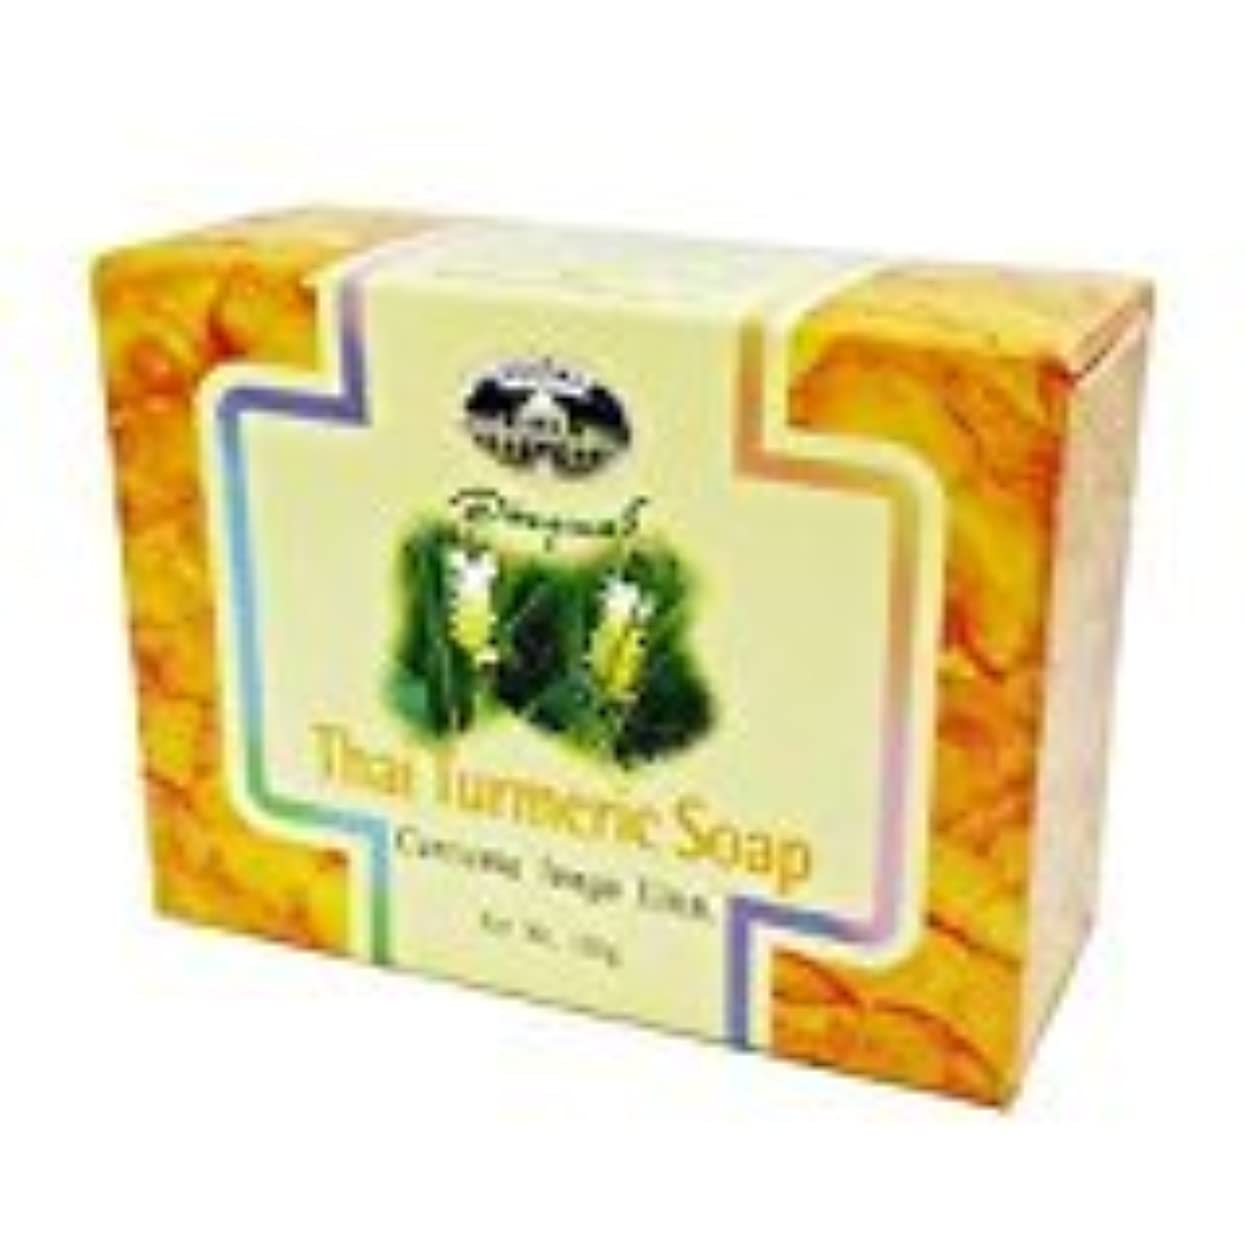 定規よろしく複数ウコン石けん abhaibhubejhr Turmeric soap 100g